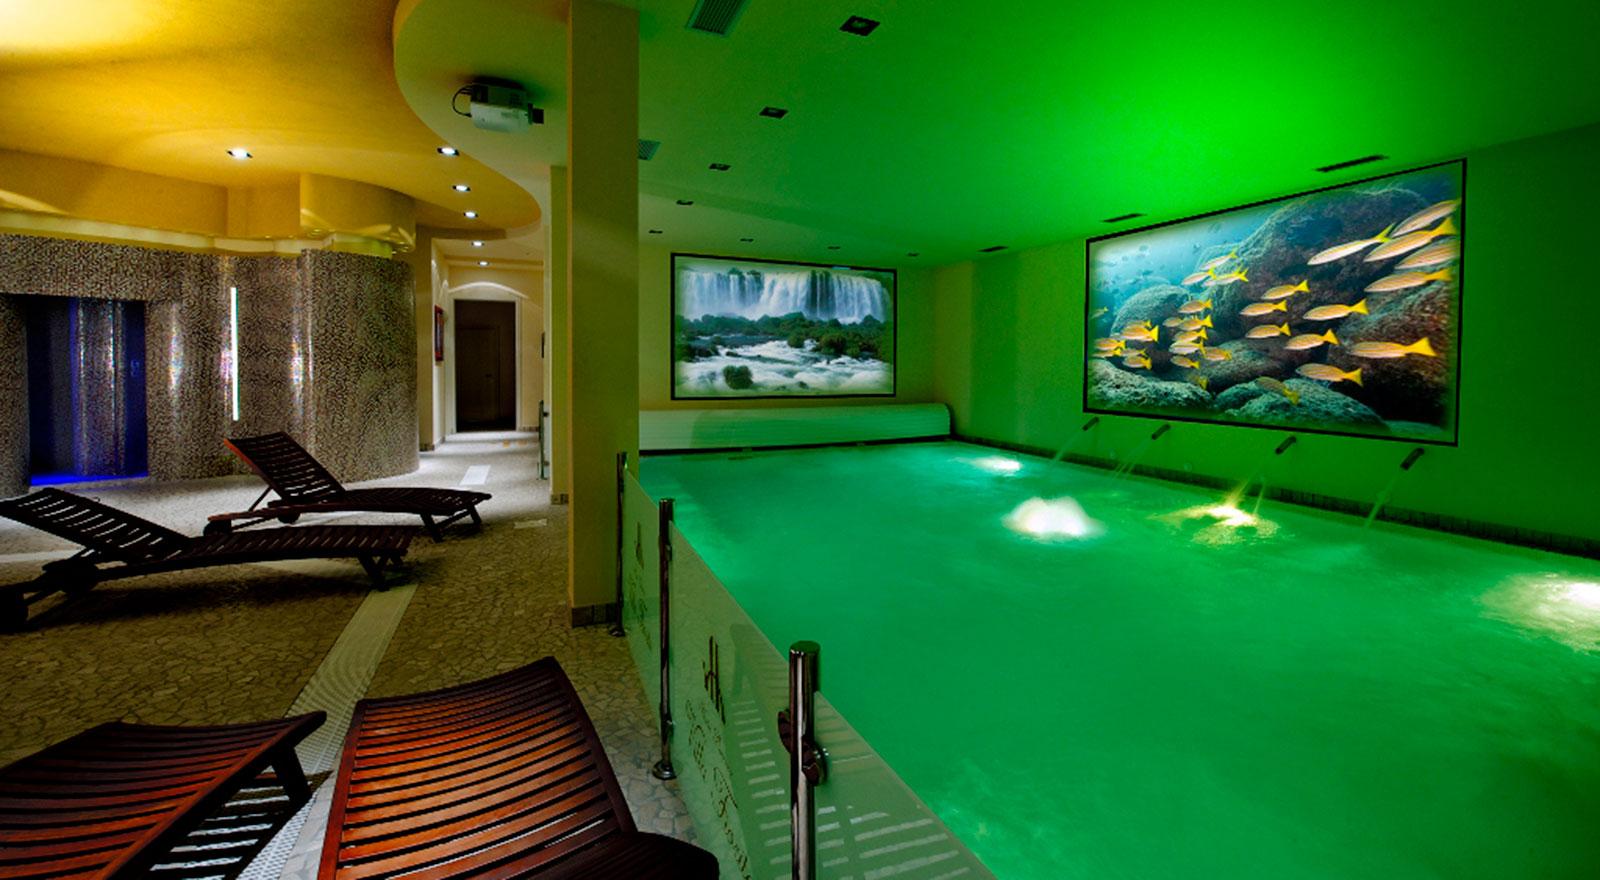 Hotel Spa Umbria - Centro Benessere in Umbria   Hotel Benessere ...